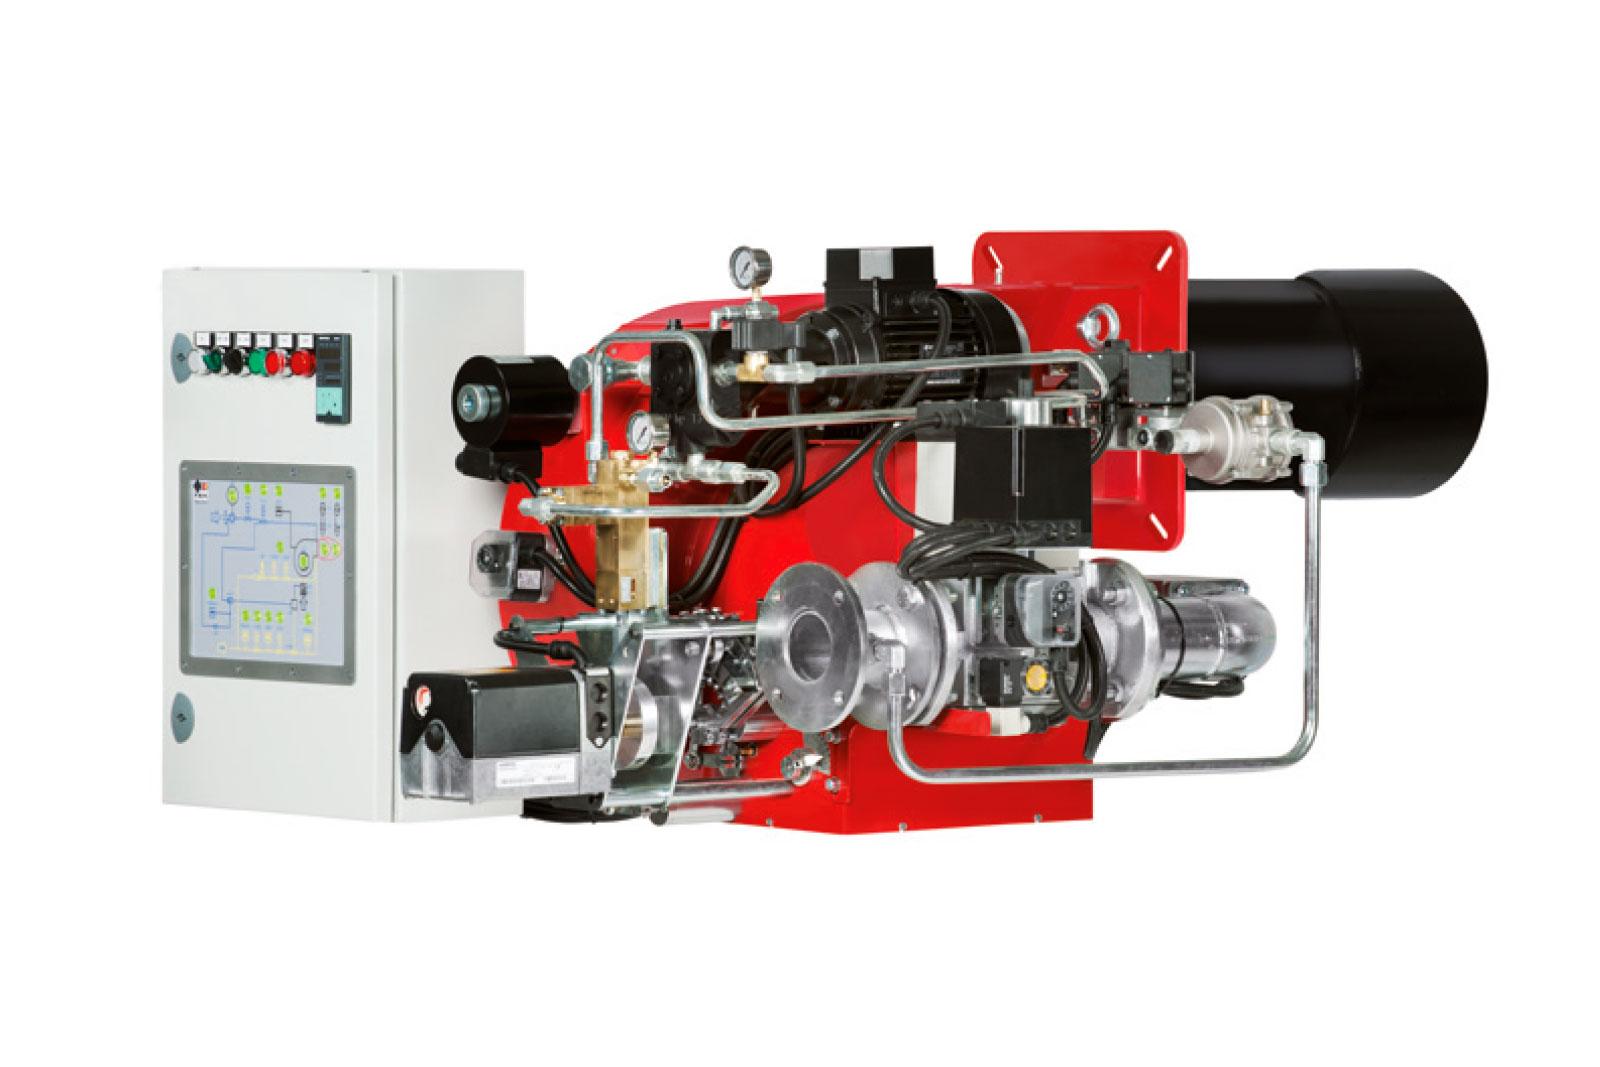 quemador-cremax-mixto-gas-gasoleo-2-llamas-progresivos-y-modulantes-1044kw-a-2900kw-flamax-eficiencia-energetica-ppal